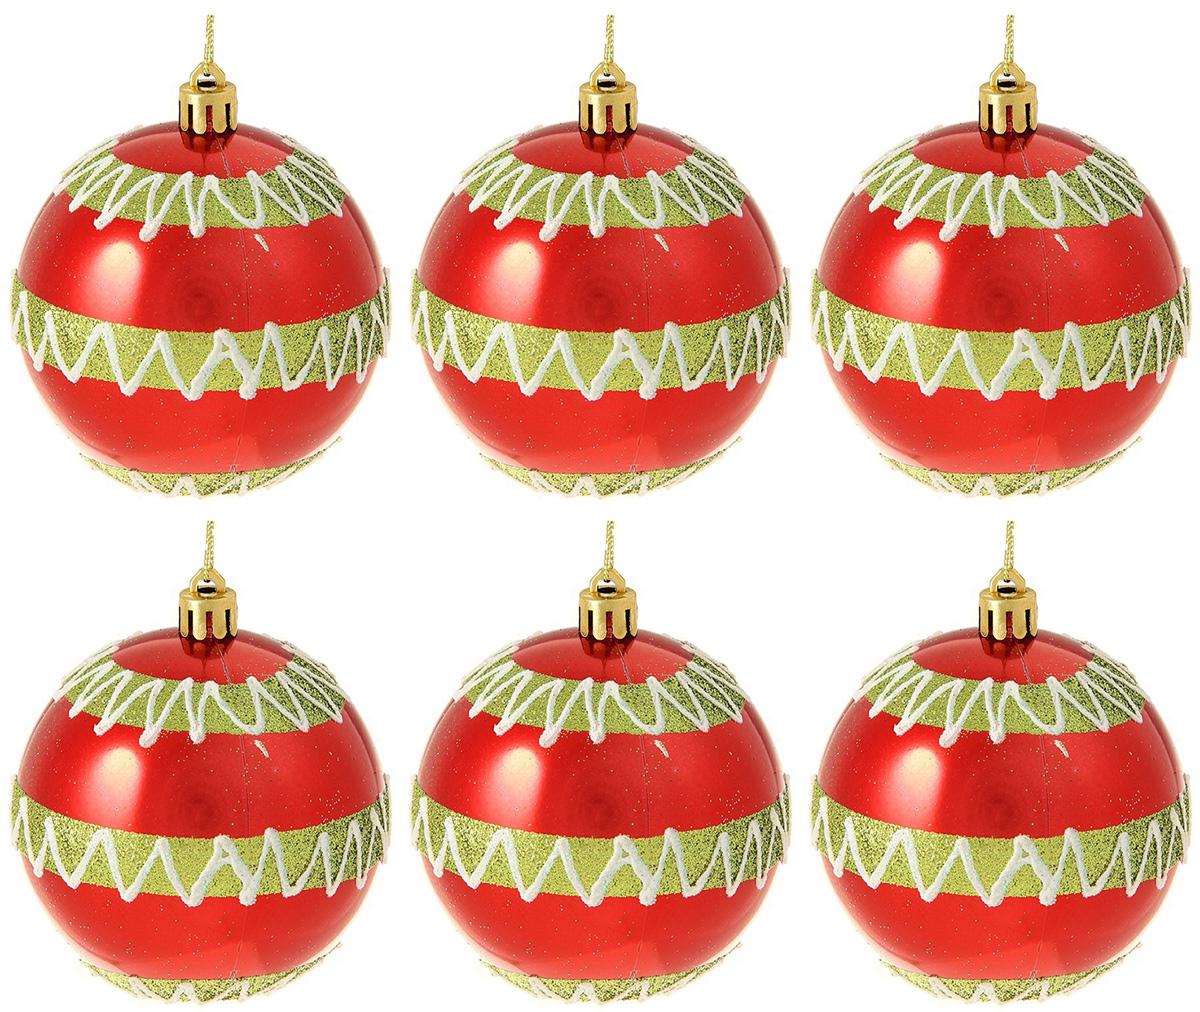 Набор новогодних подвесных украшений Sima-land Зигзаг, диаметр 8 см, 6 шт свеча ароматизированная sima land лимон на подставке высота 6 см